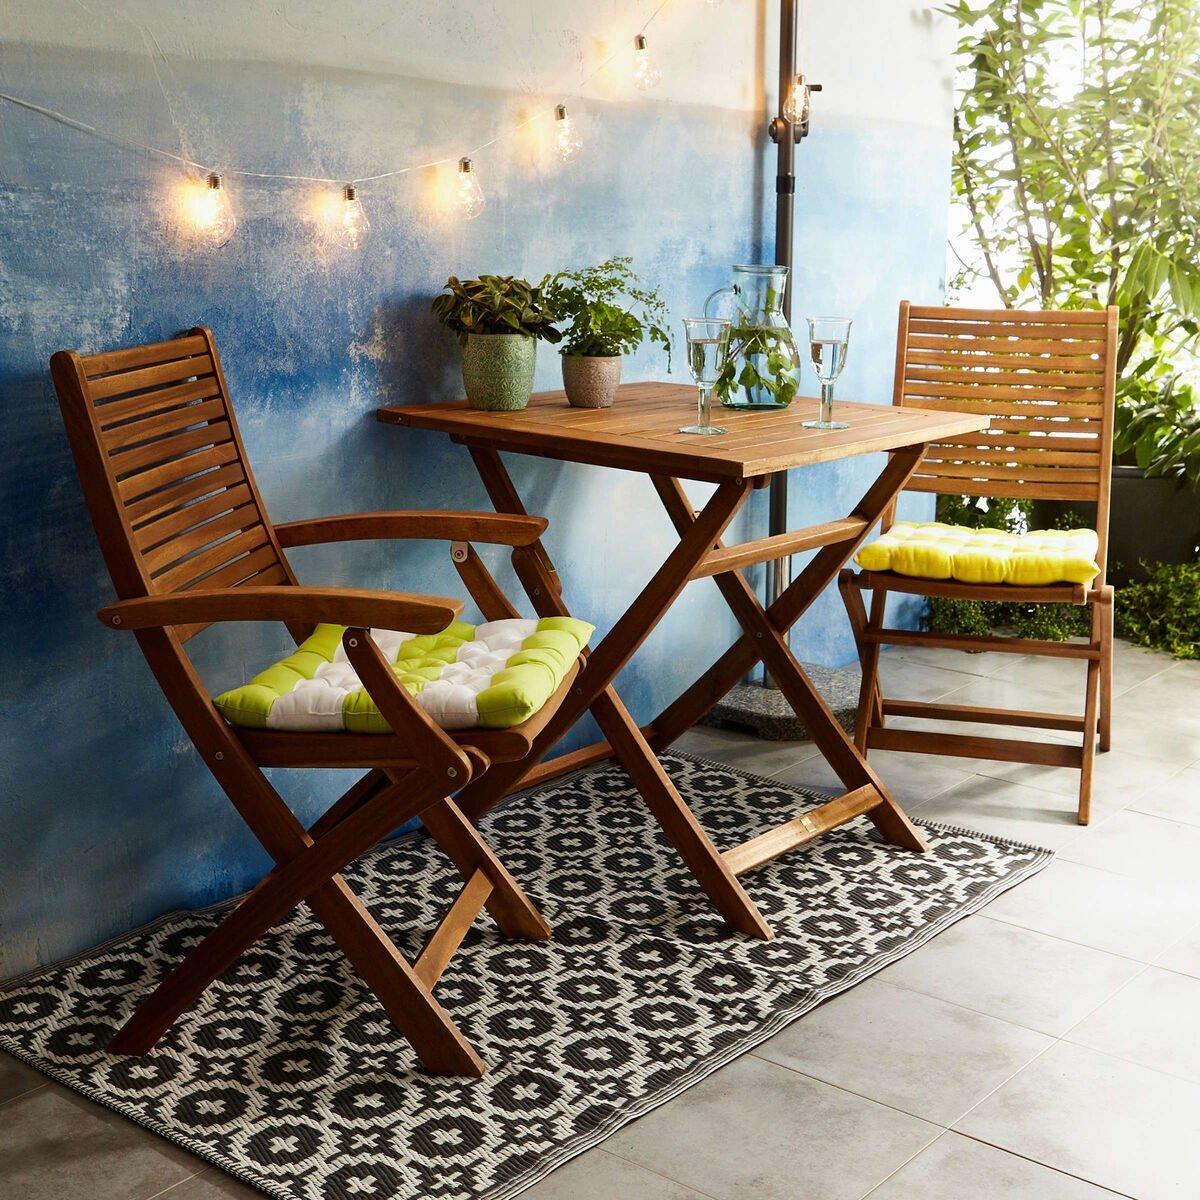 Bild 15 von SOMERSET Stuhl mit Armlehne